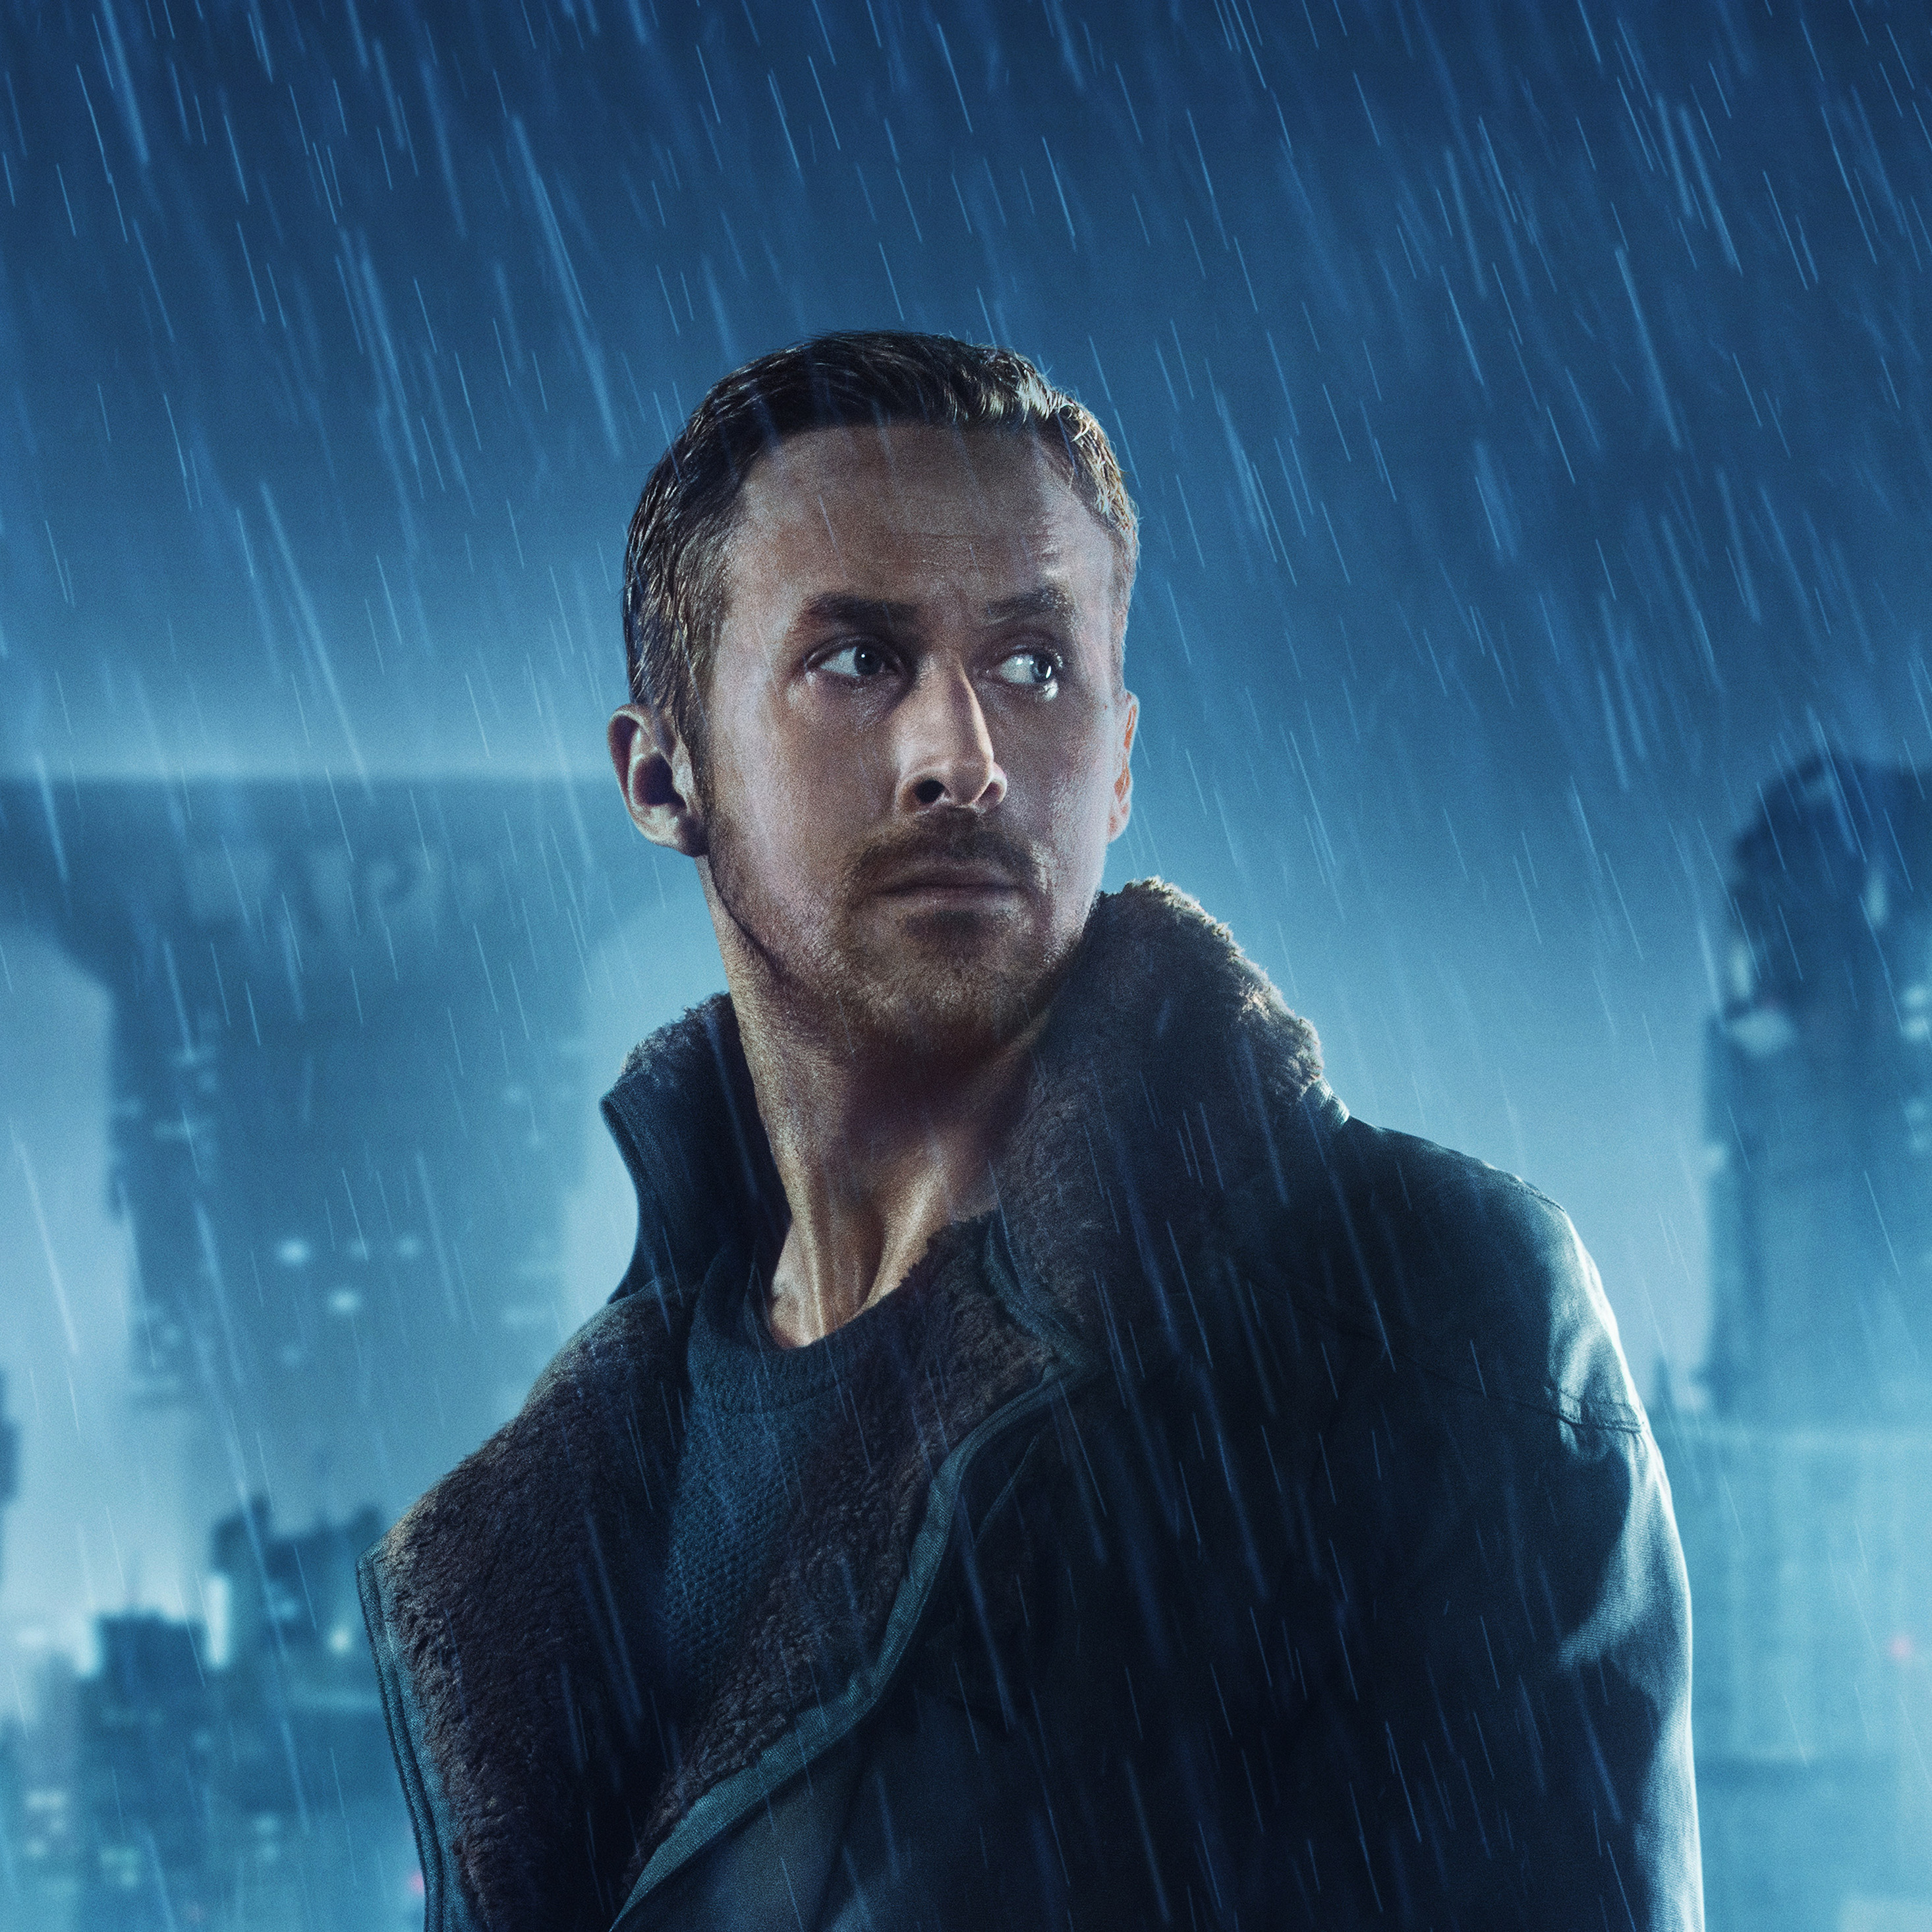 ryan-gosling-as-officer-k-in-blade-runner-2049-4k-ou.jpg